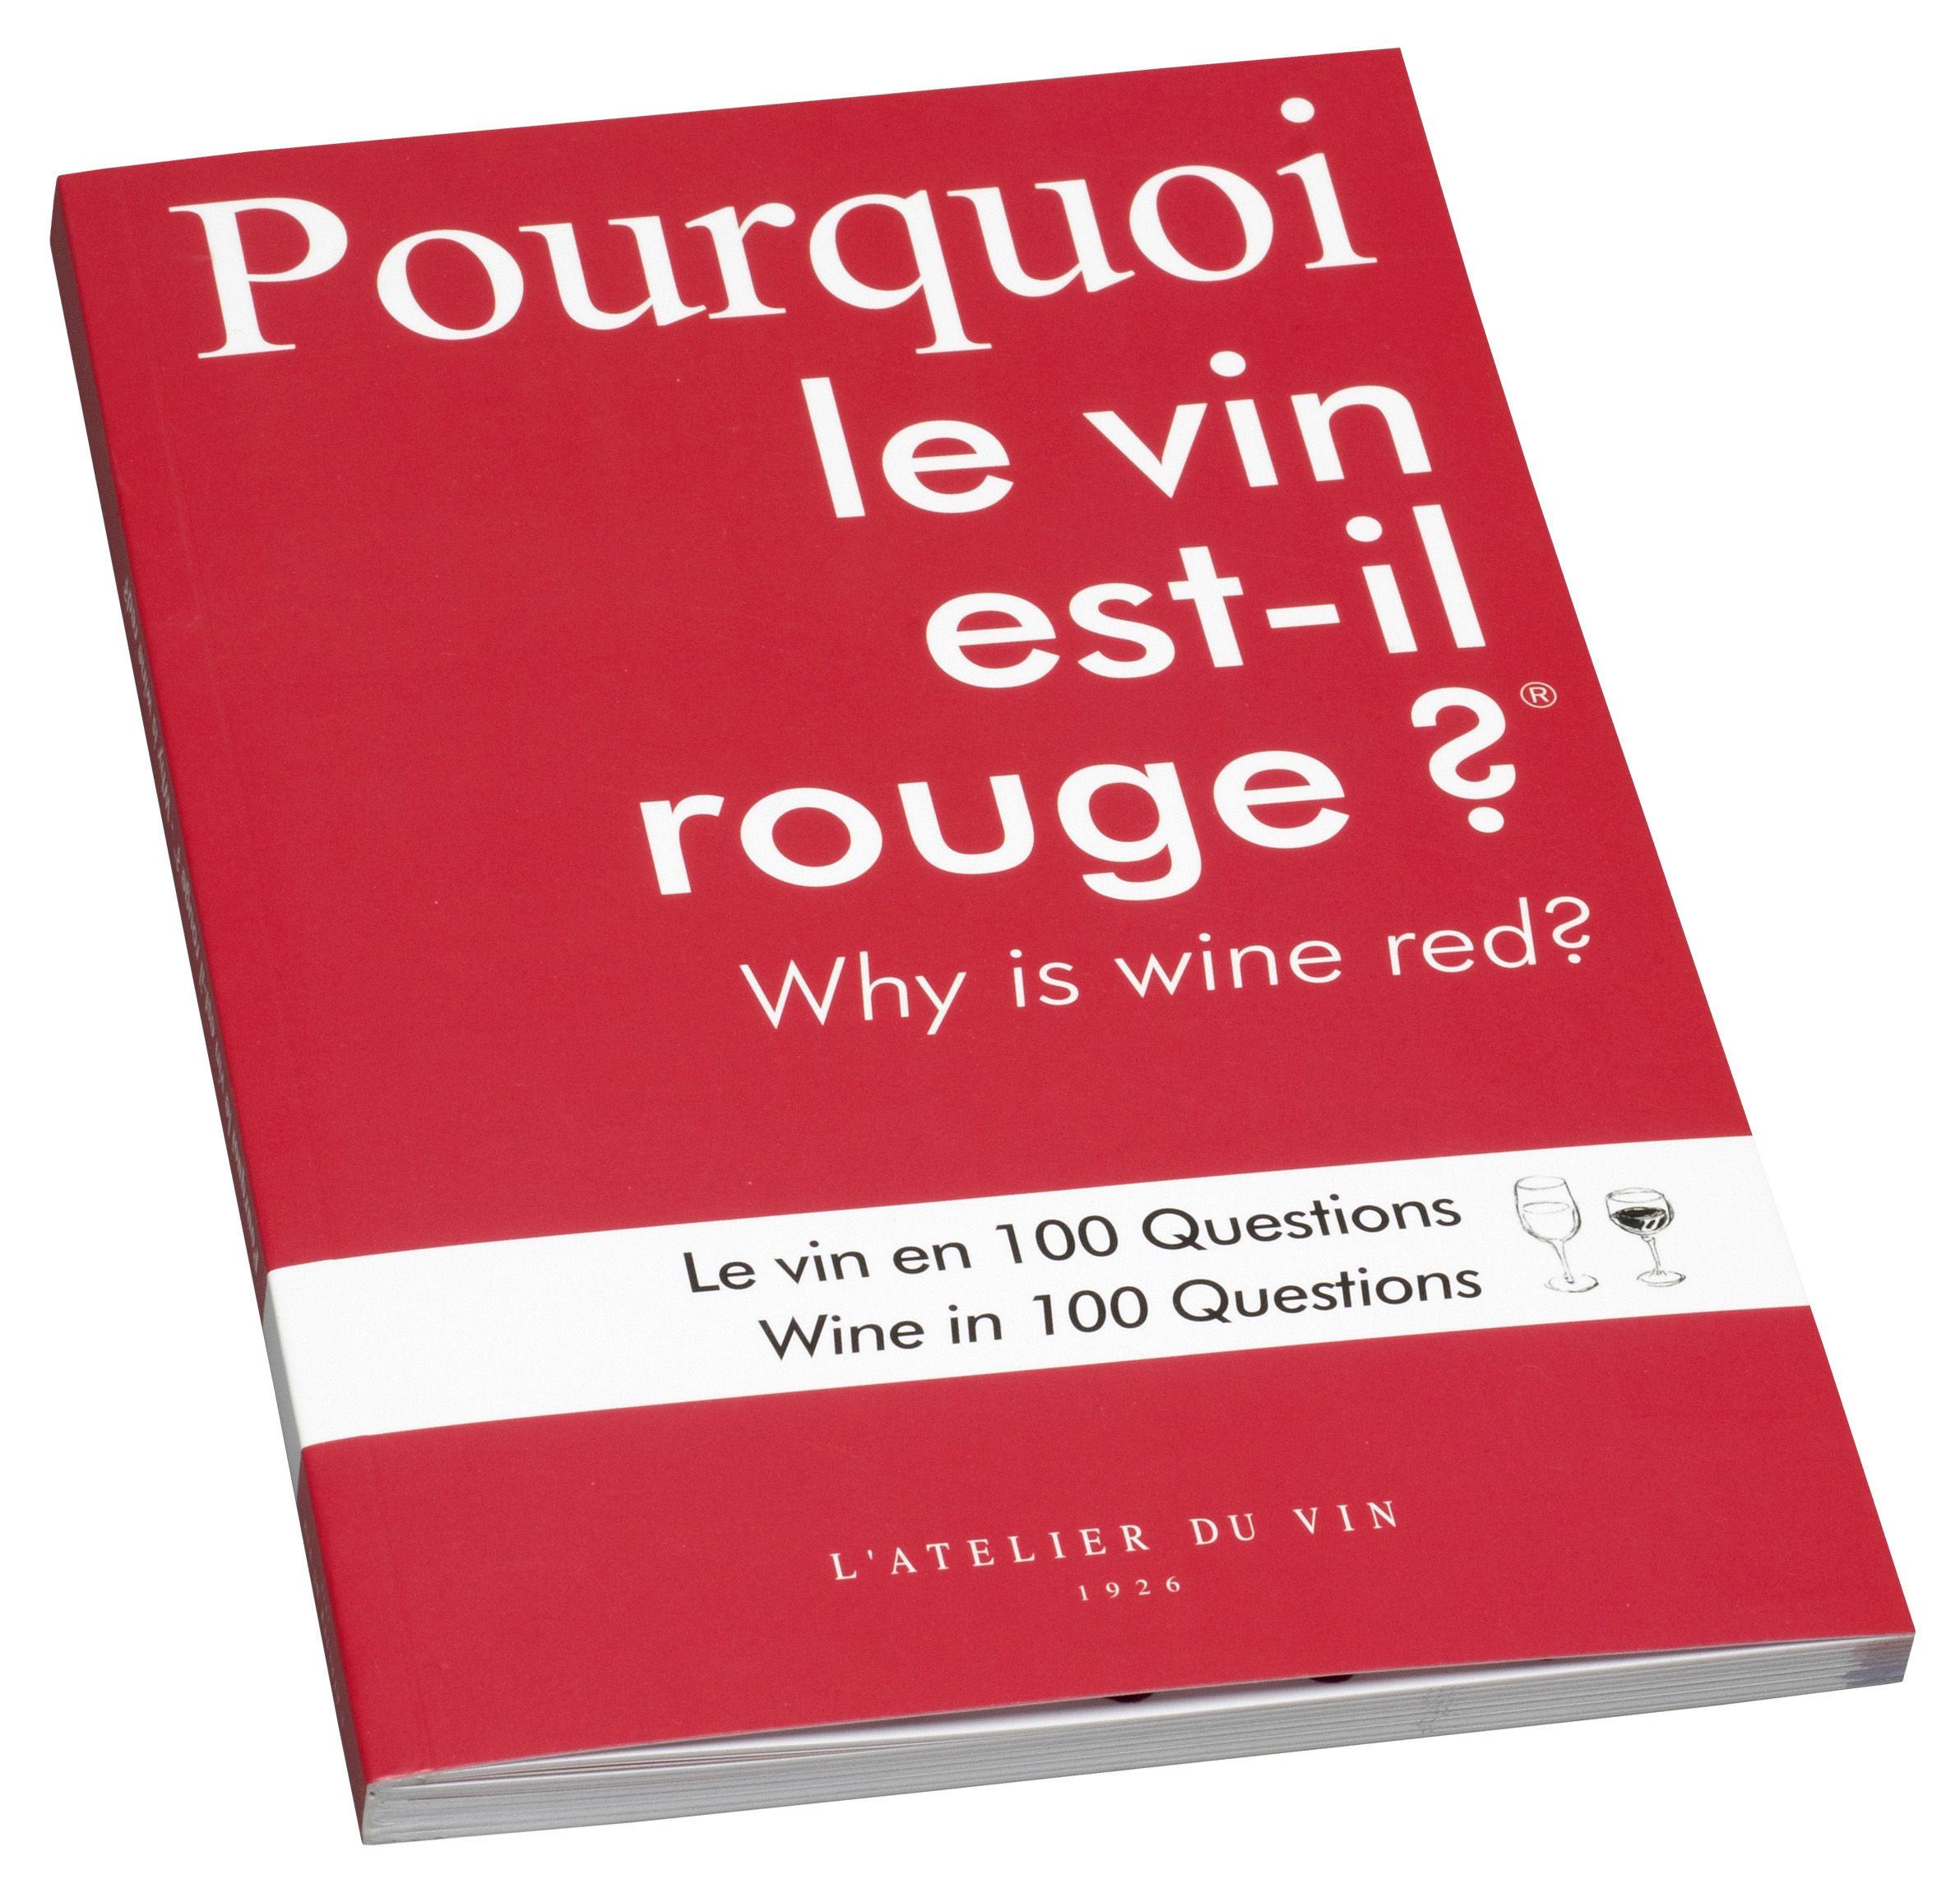 Accessoires - Livres et DVD - Livre Pourquoi le vin est-il rouge ? - L'Atelier du Vin - Rouge -